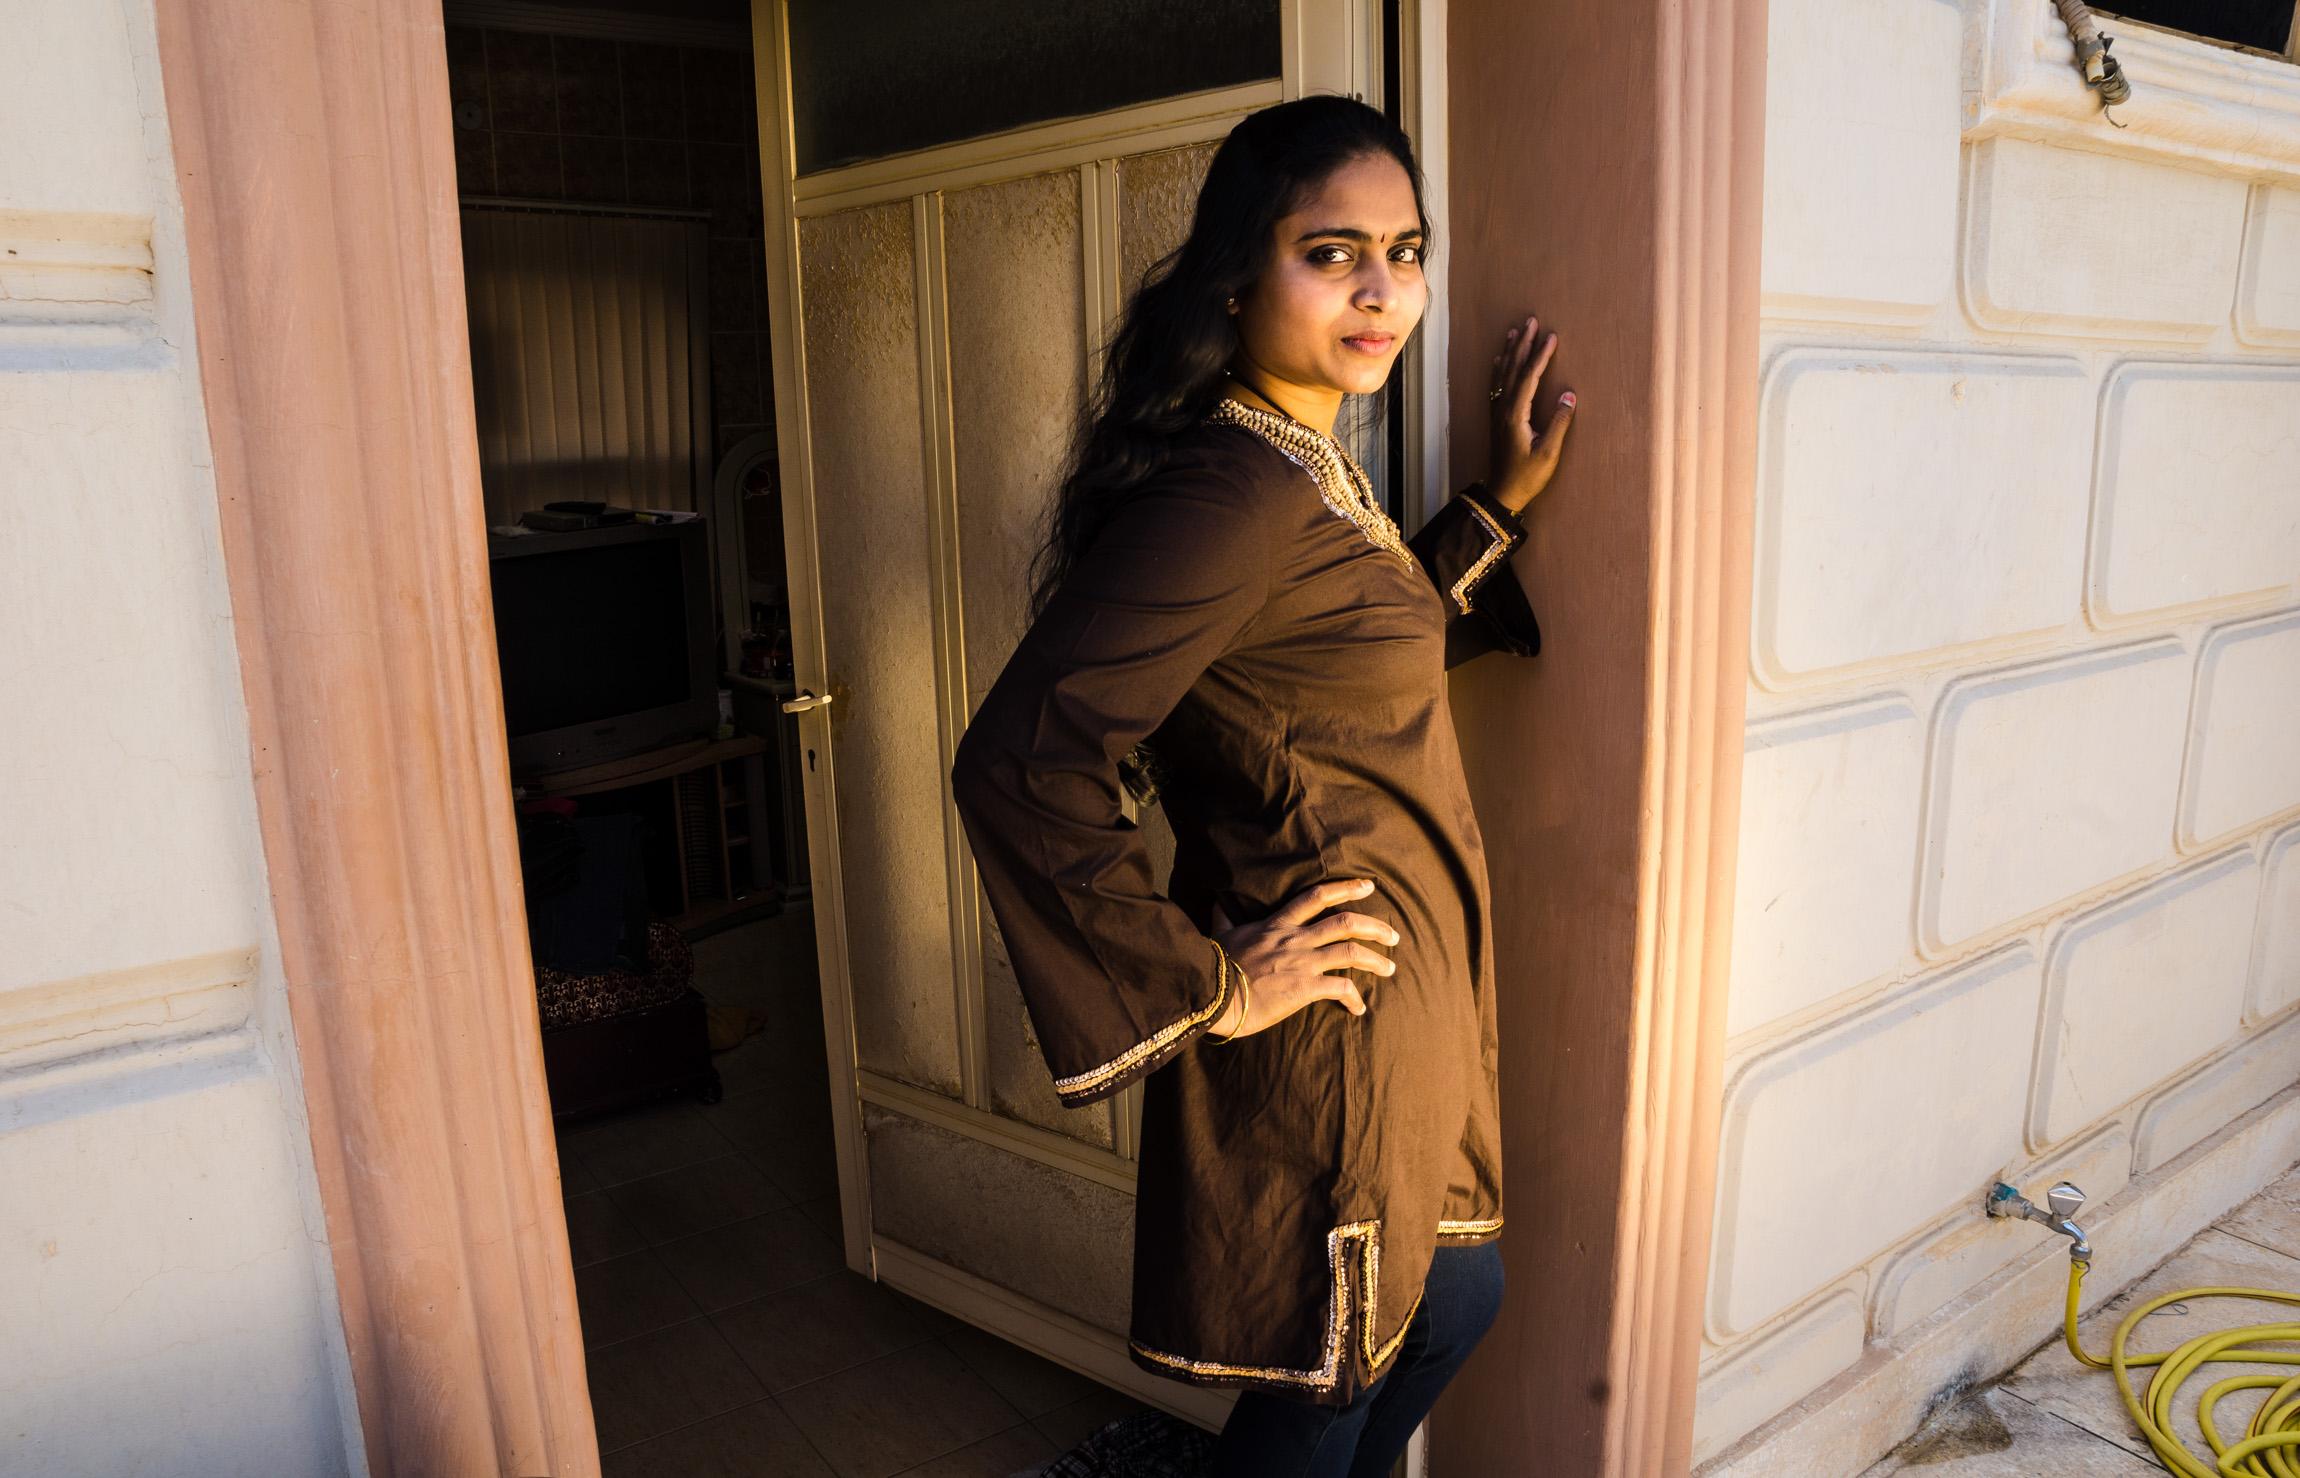 Indian maid standing in the doorway to her bedroom. Kuwait City, Kuwait. 2014